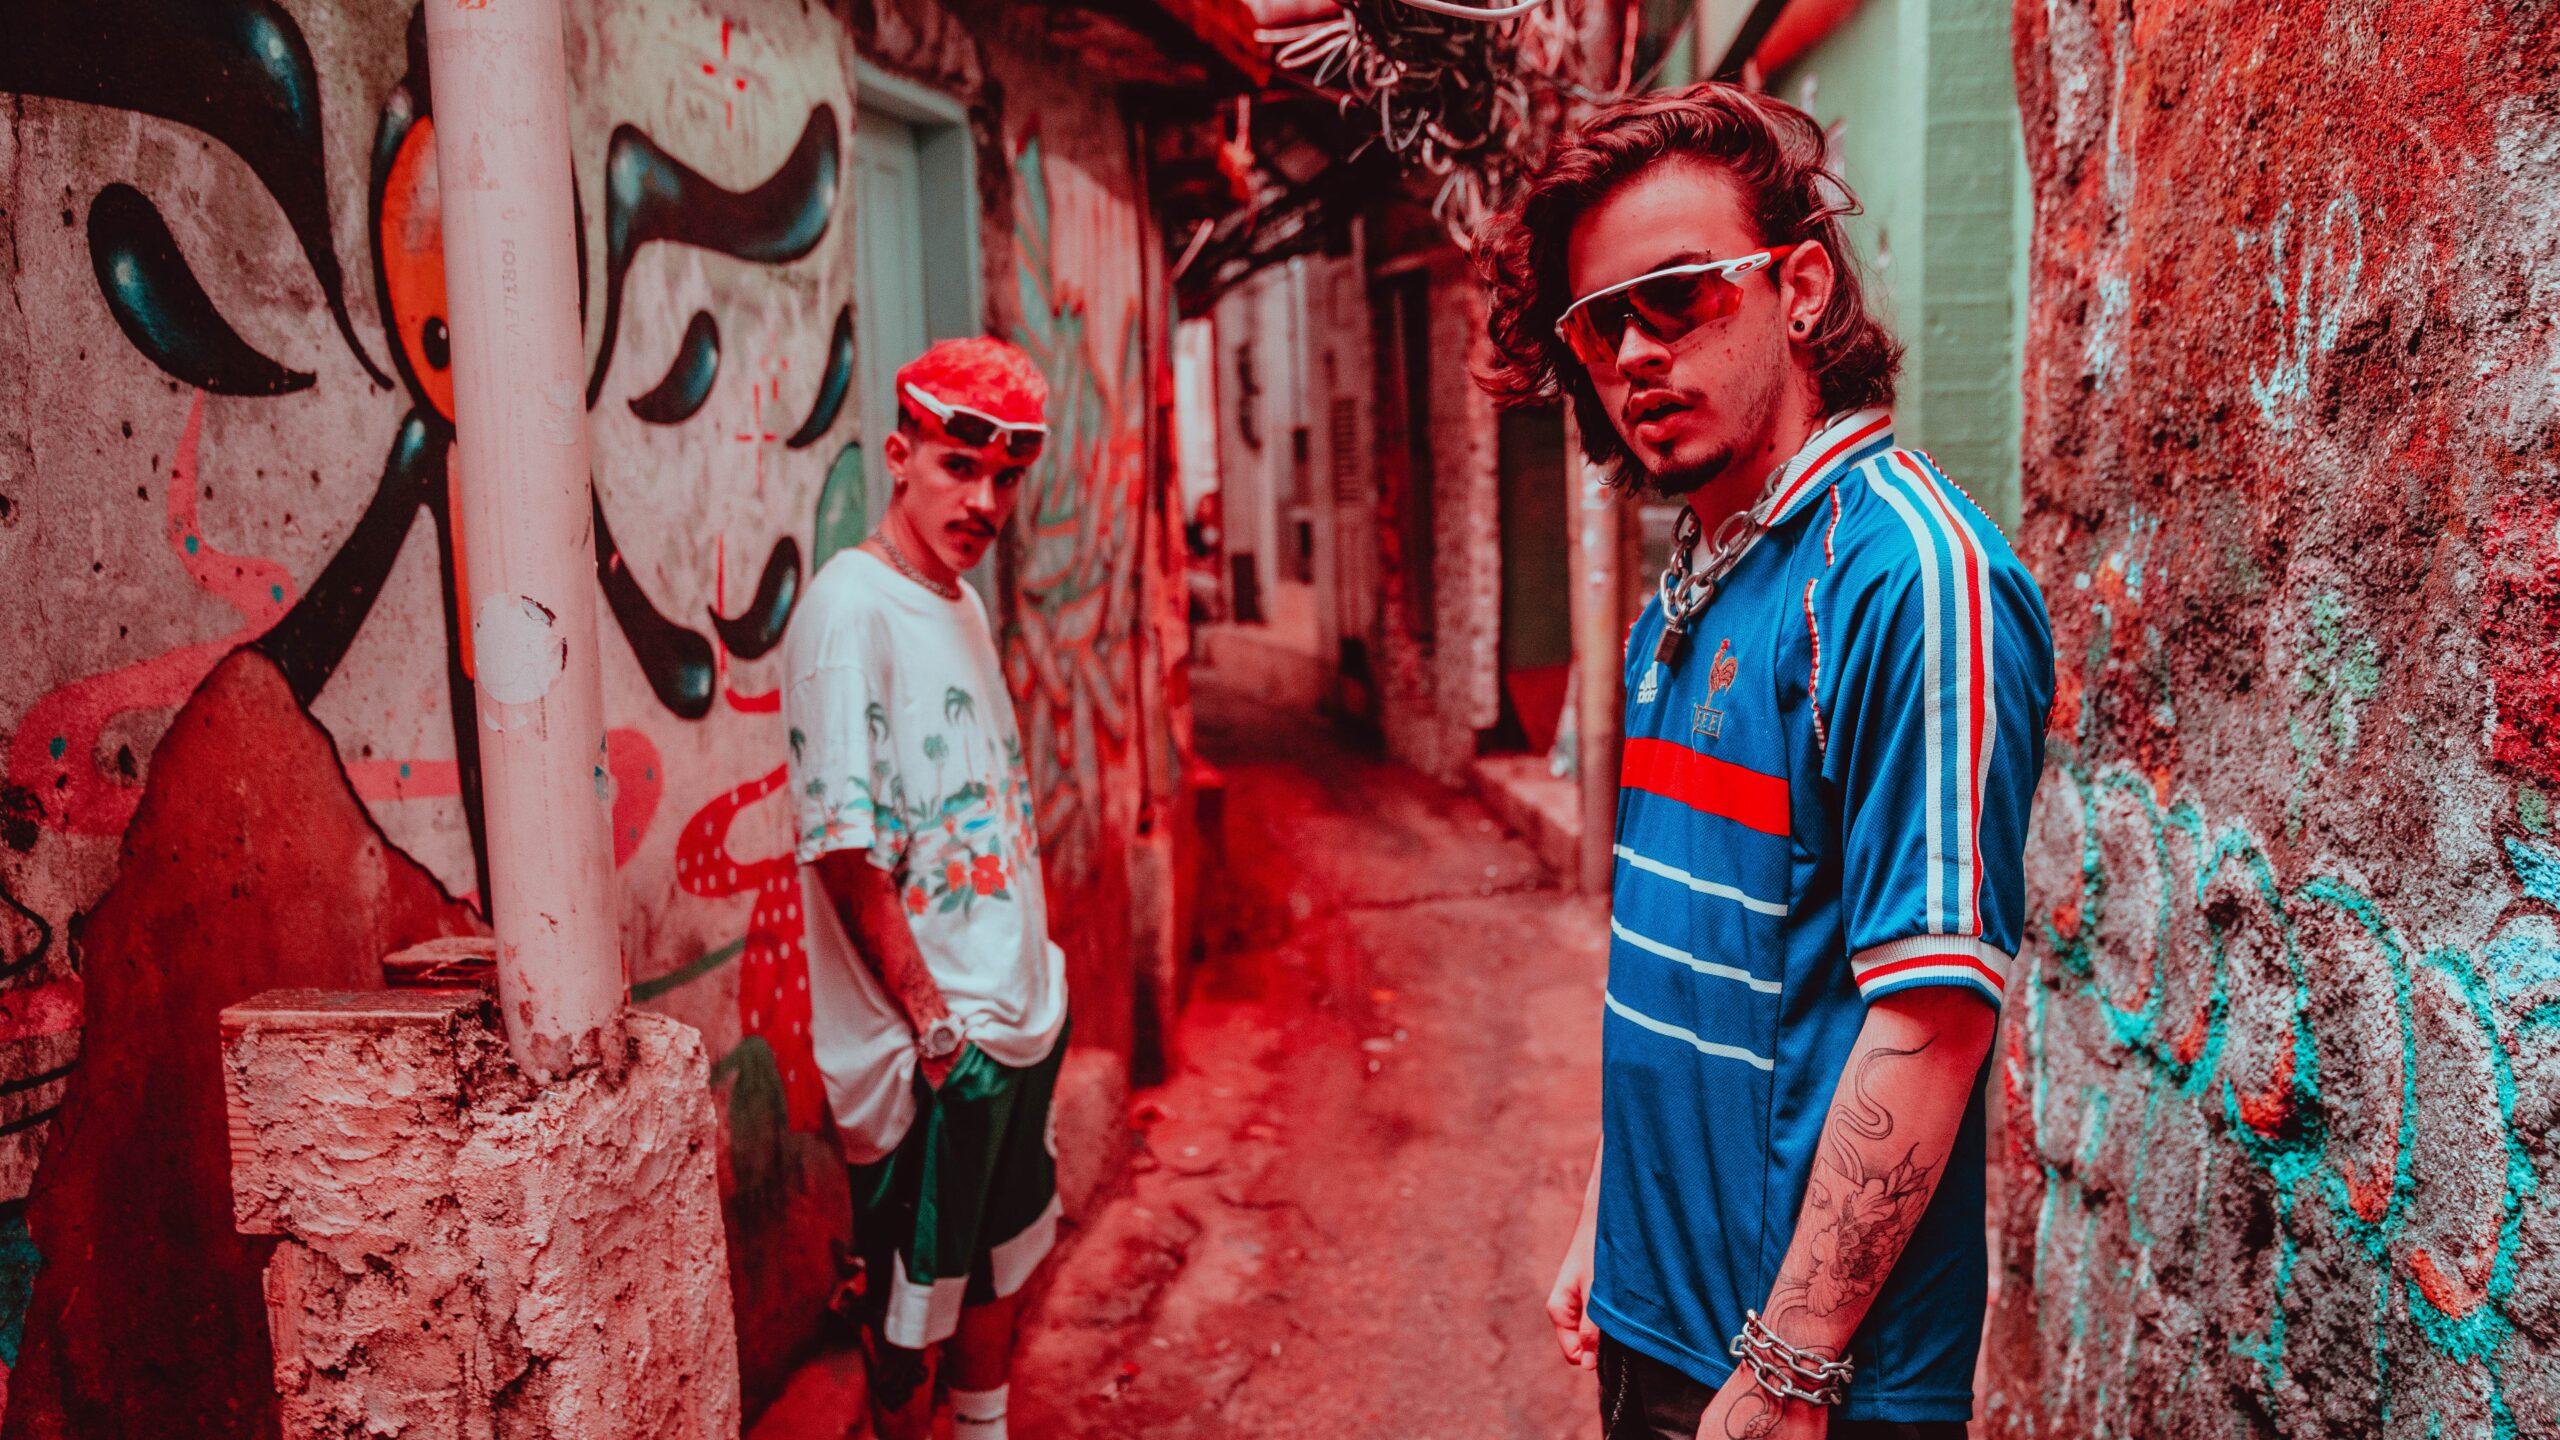 Almanac se diverte em cenas inéditas na Rocinha com novo clipe  scaled